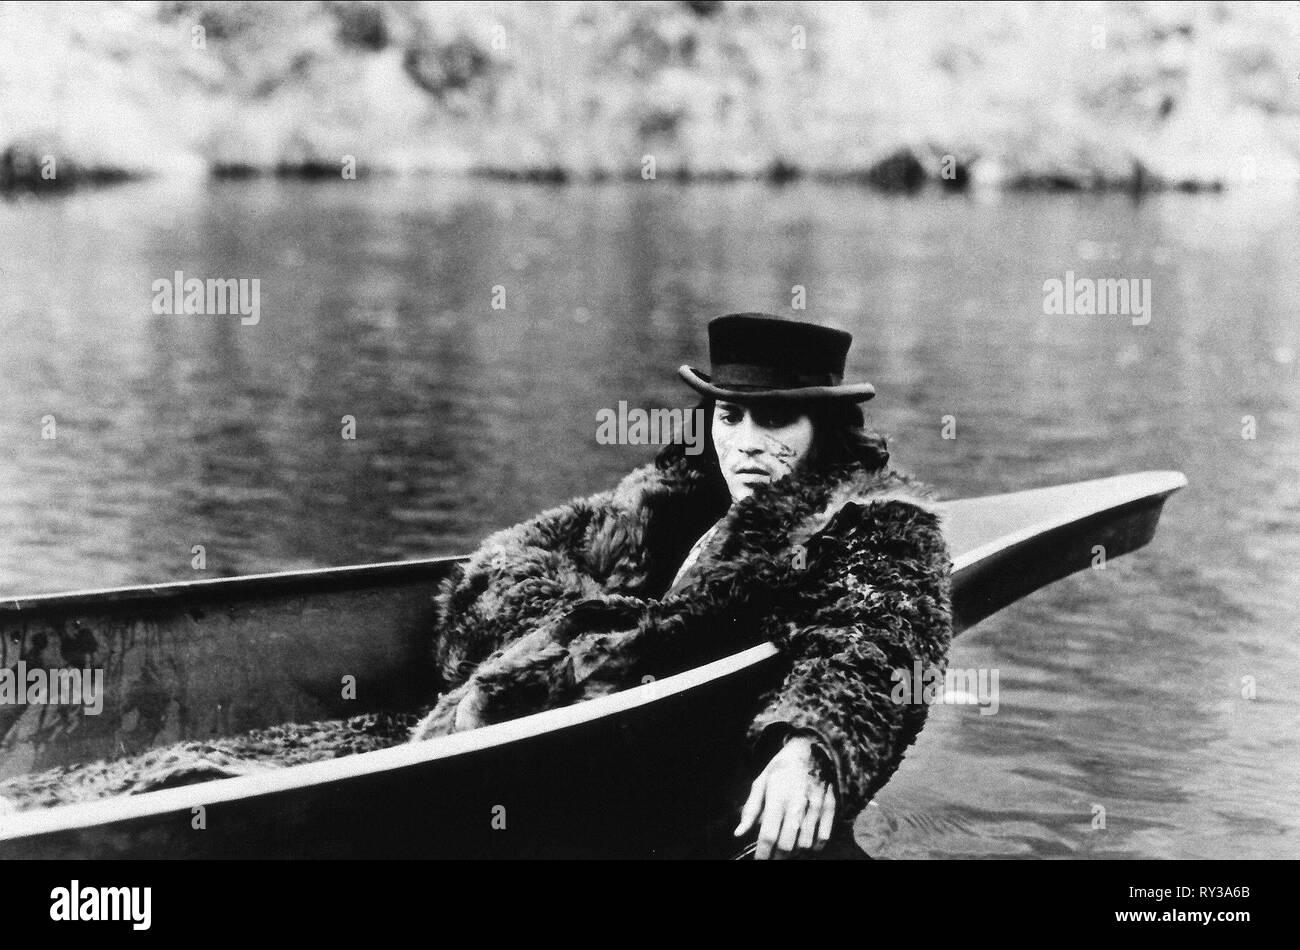 JOHNNY DEPP, DEAD MAN, 1995 - Stock Image